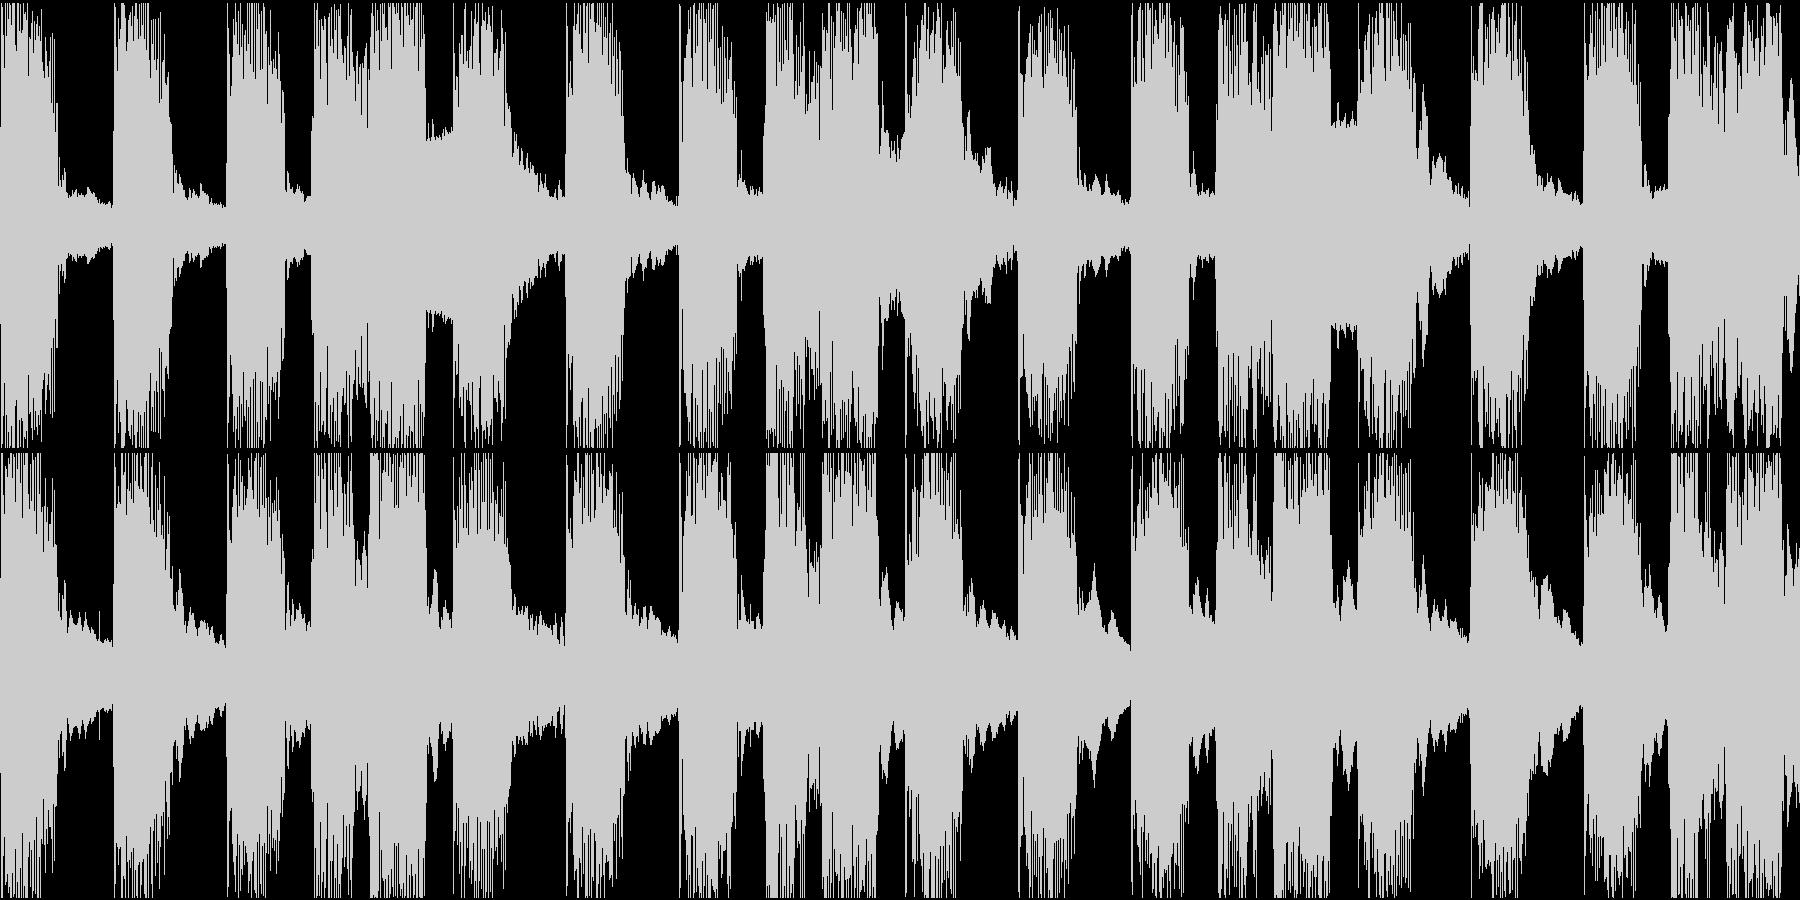 ケロケロフロッグデンデンリズムループ素材の未再生の波形